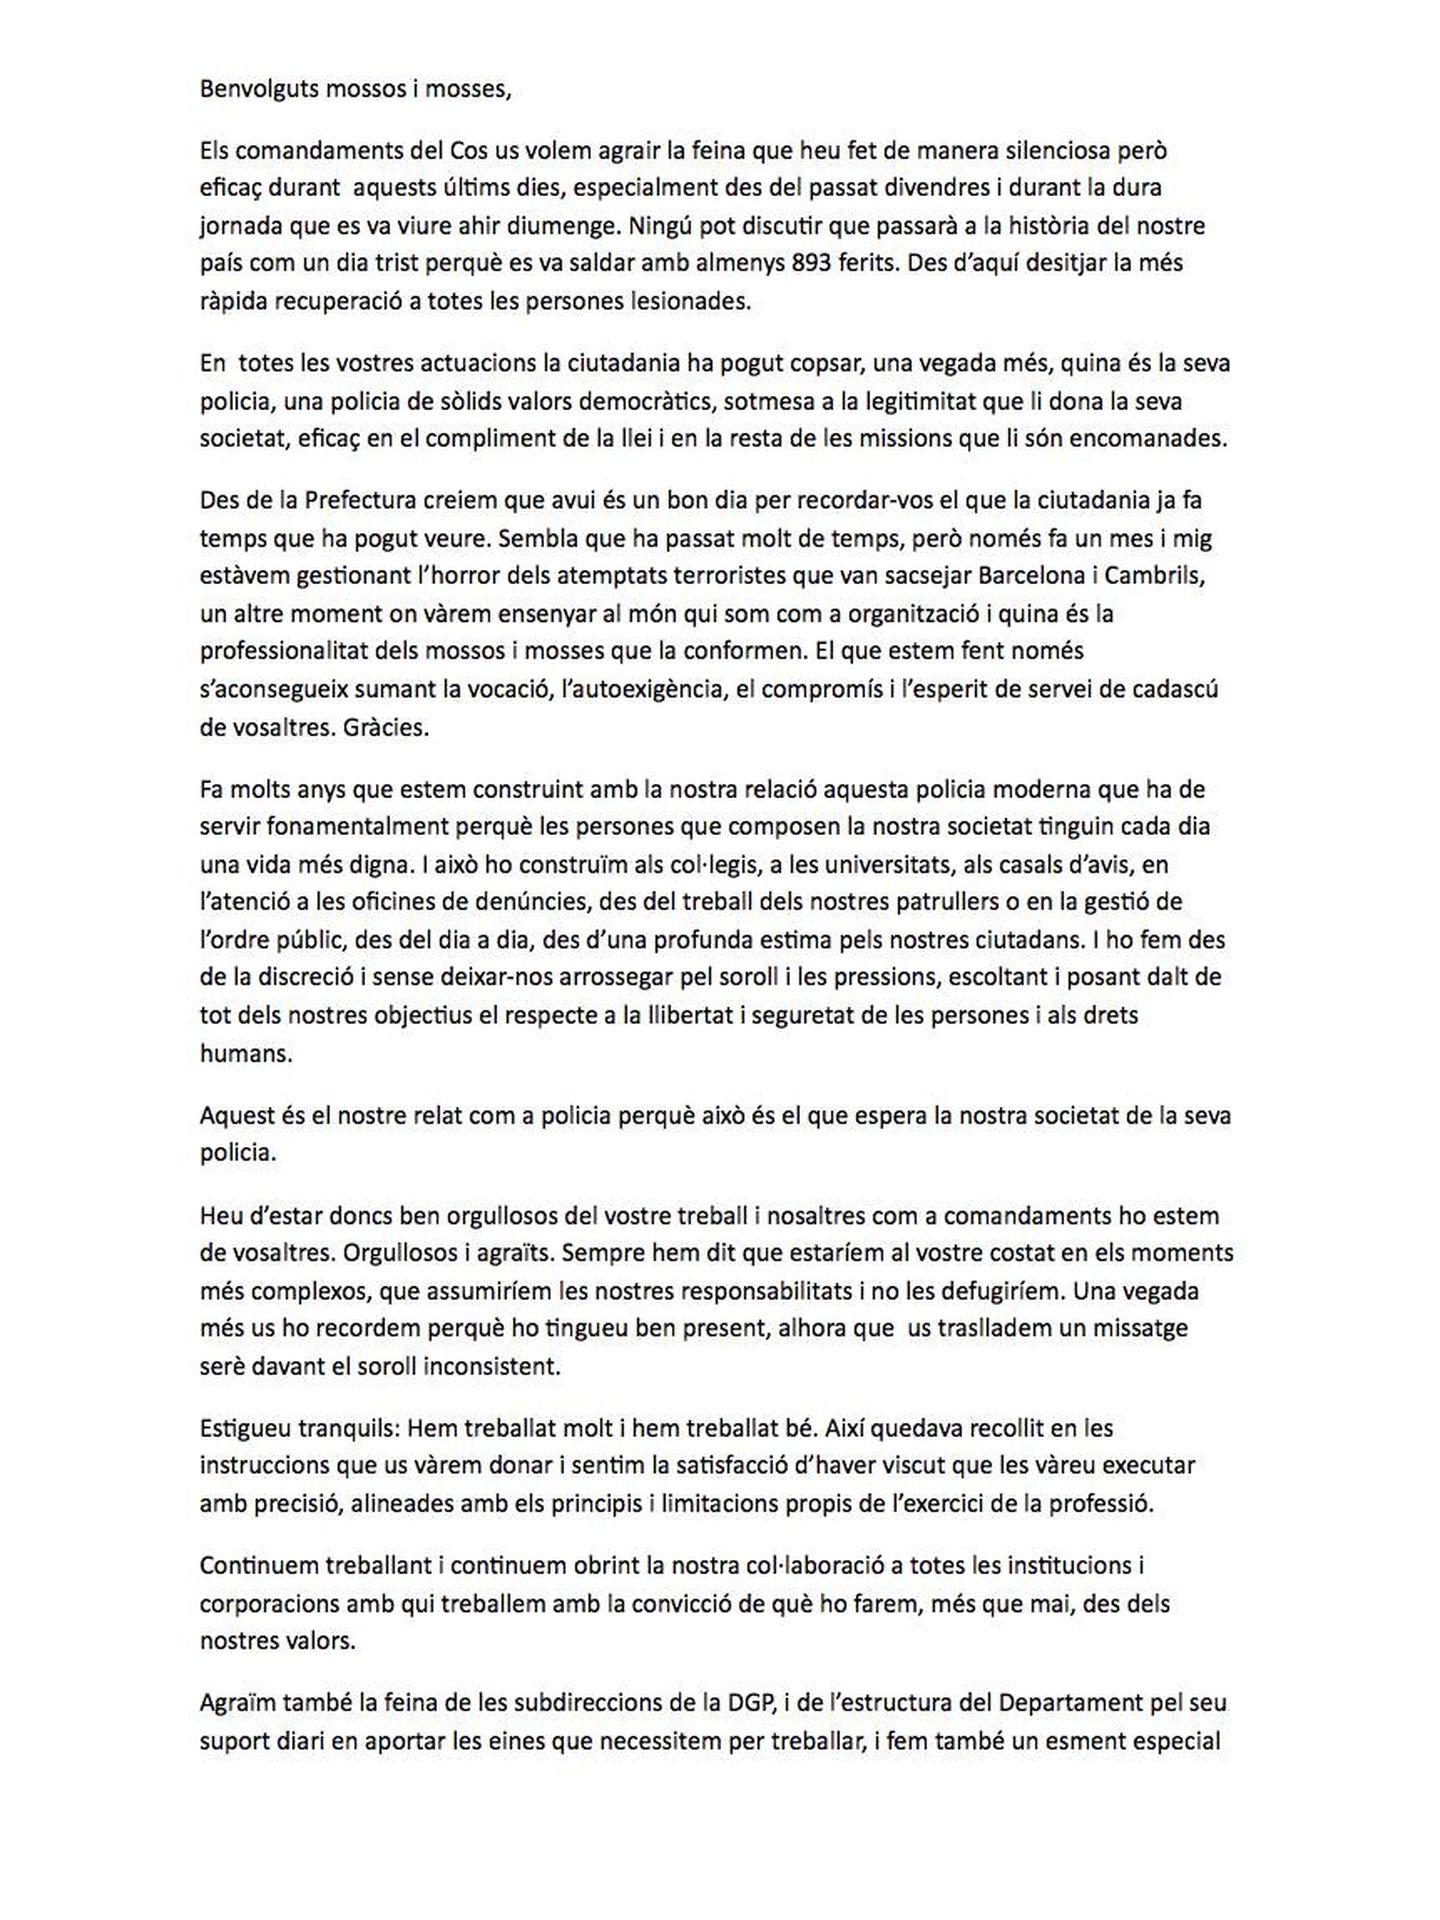 Pinche en la imagen para leer la carta completa enviada a los Mossos el 2 de octubre.